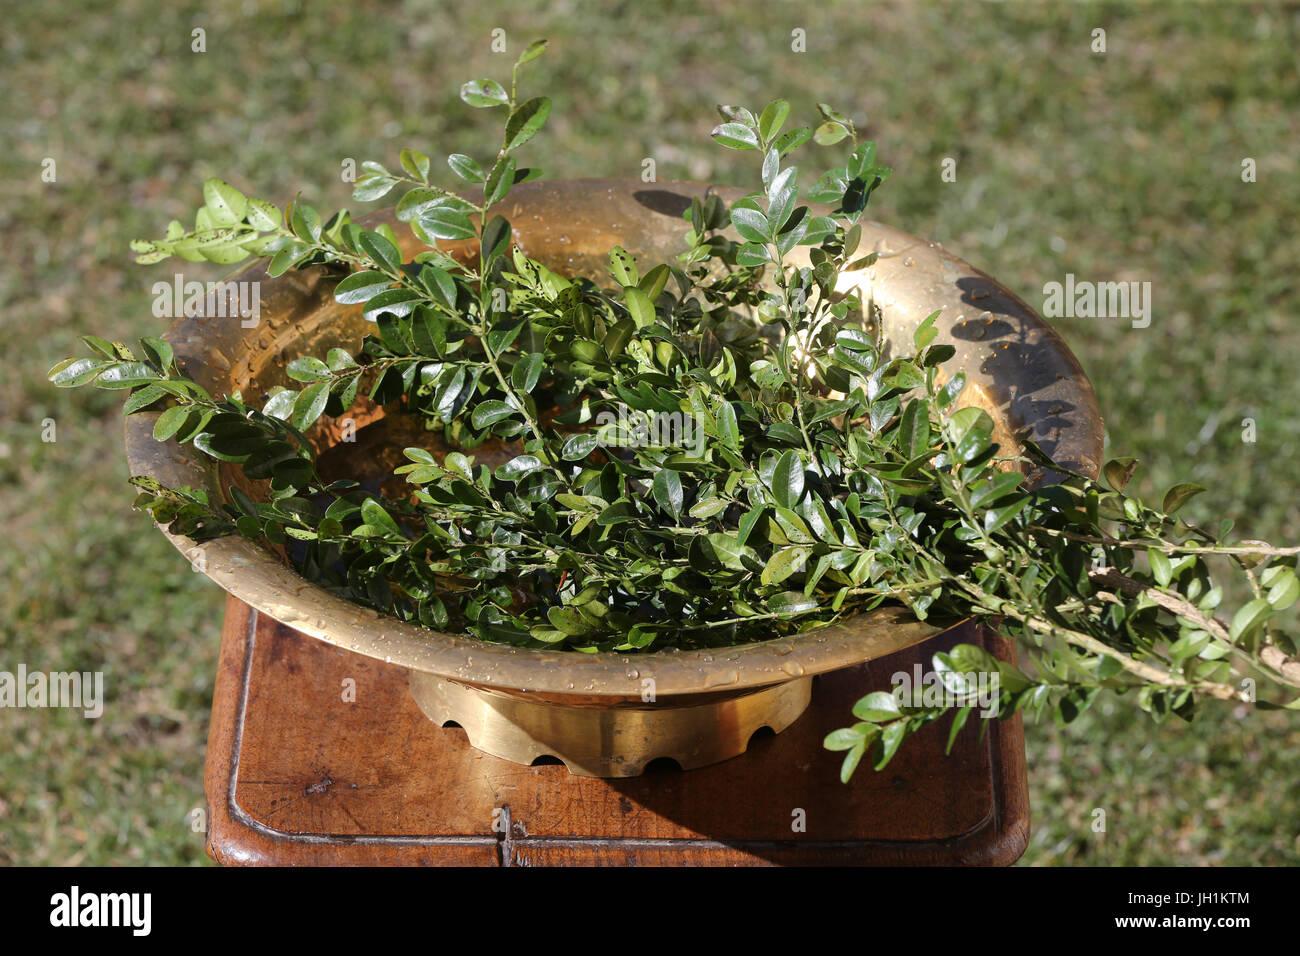 Dimanche des Rameaux la messe. Buxus. Close-up. La France. Photo Stock